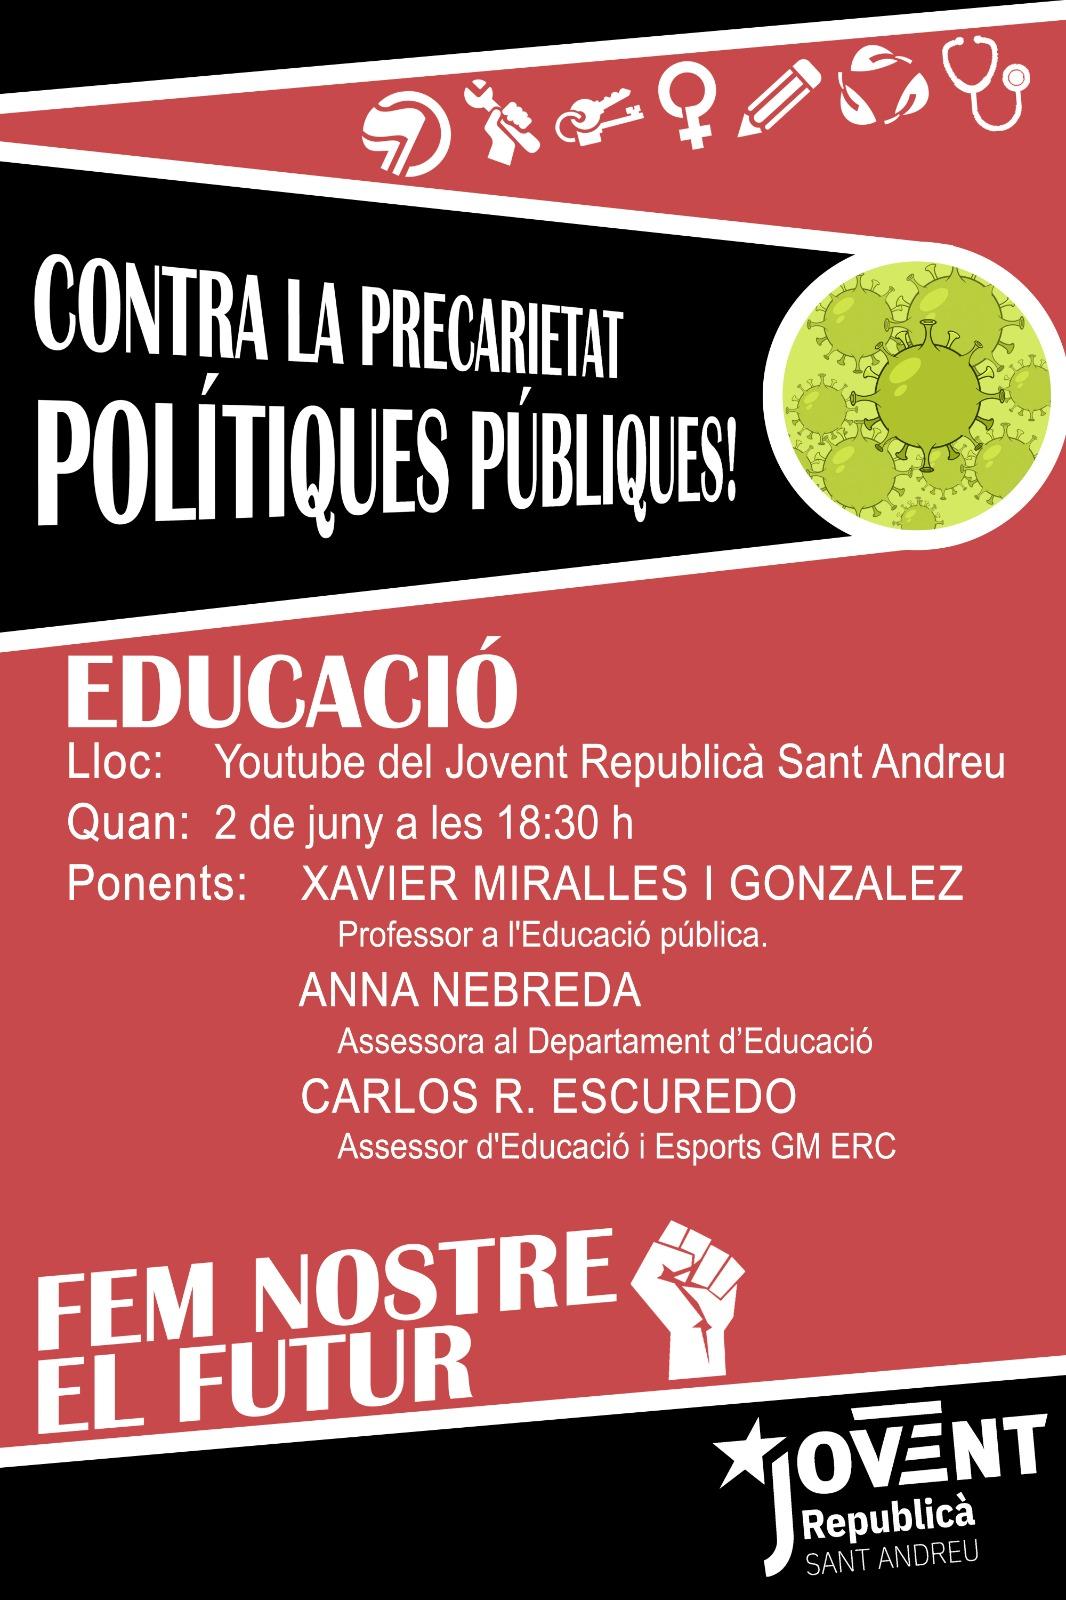 Contra la precarietat, polítiques públiques - Educació